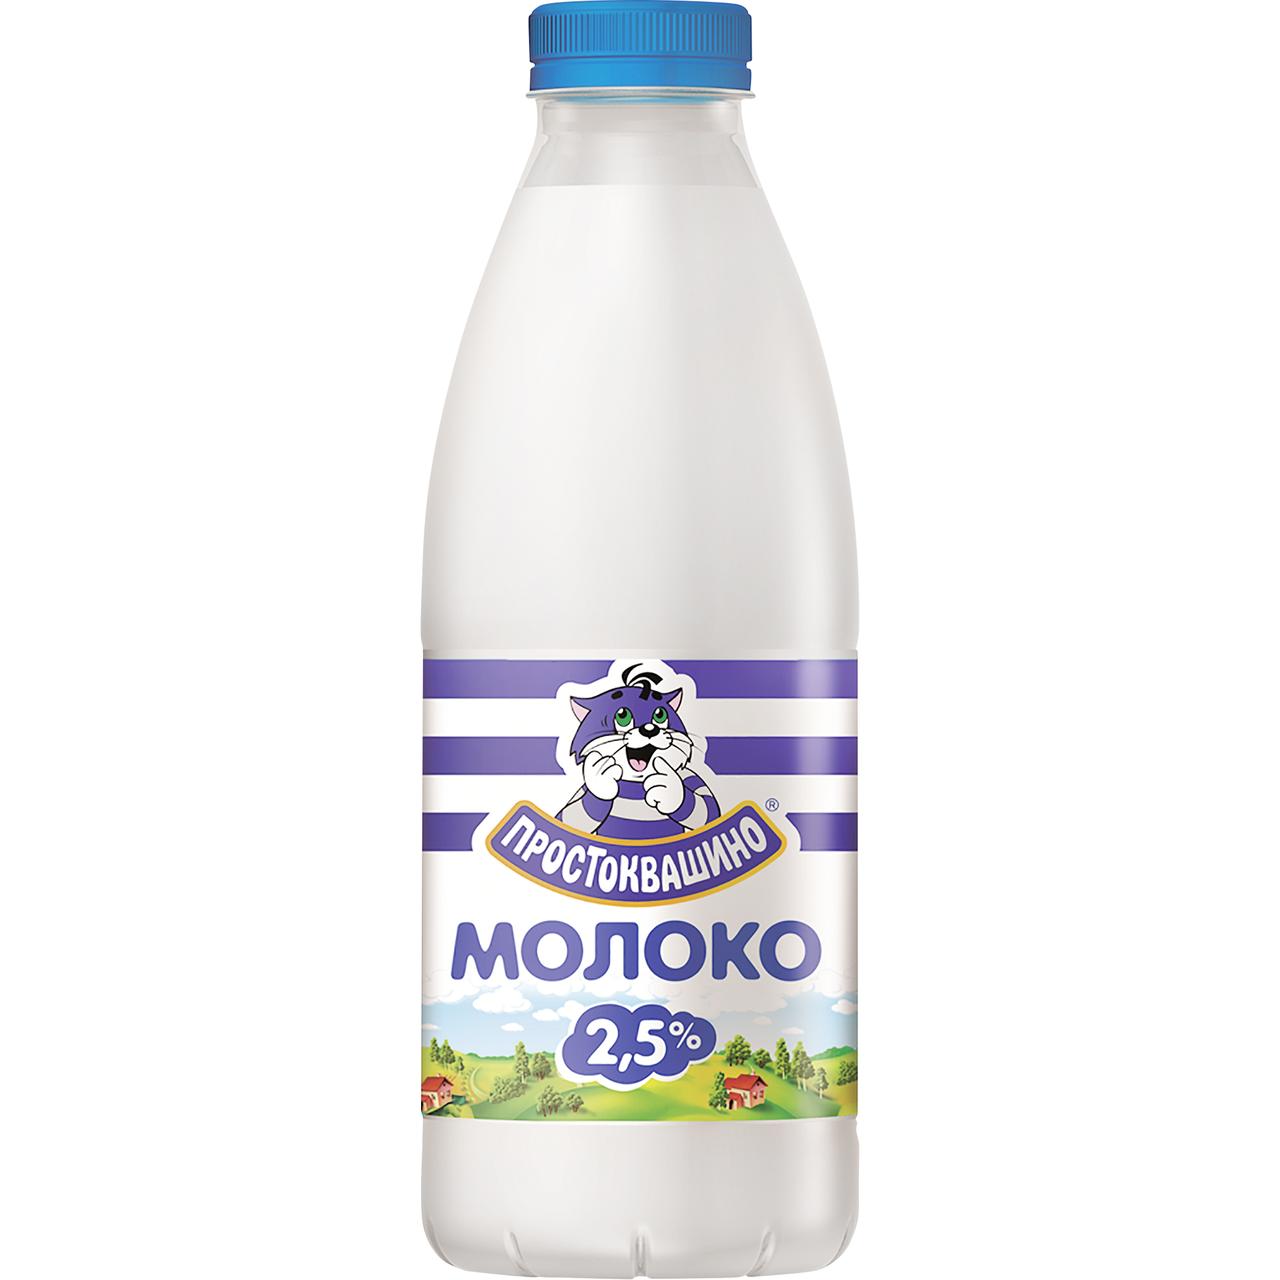 Молоко Простоквашино пастеризоване 2.5% 870г